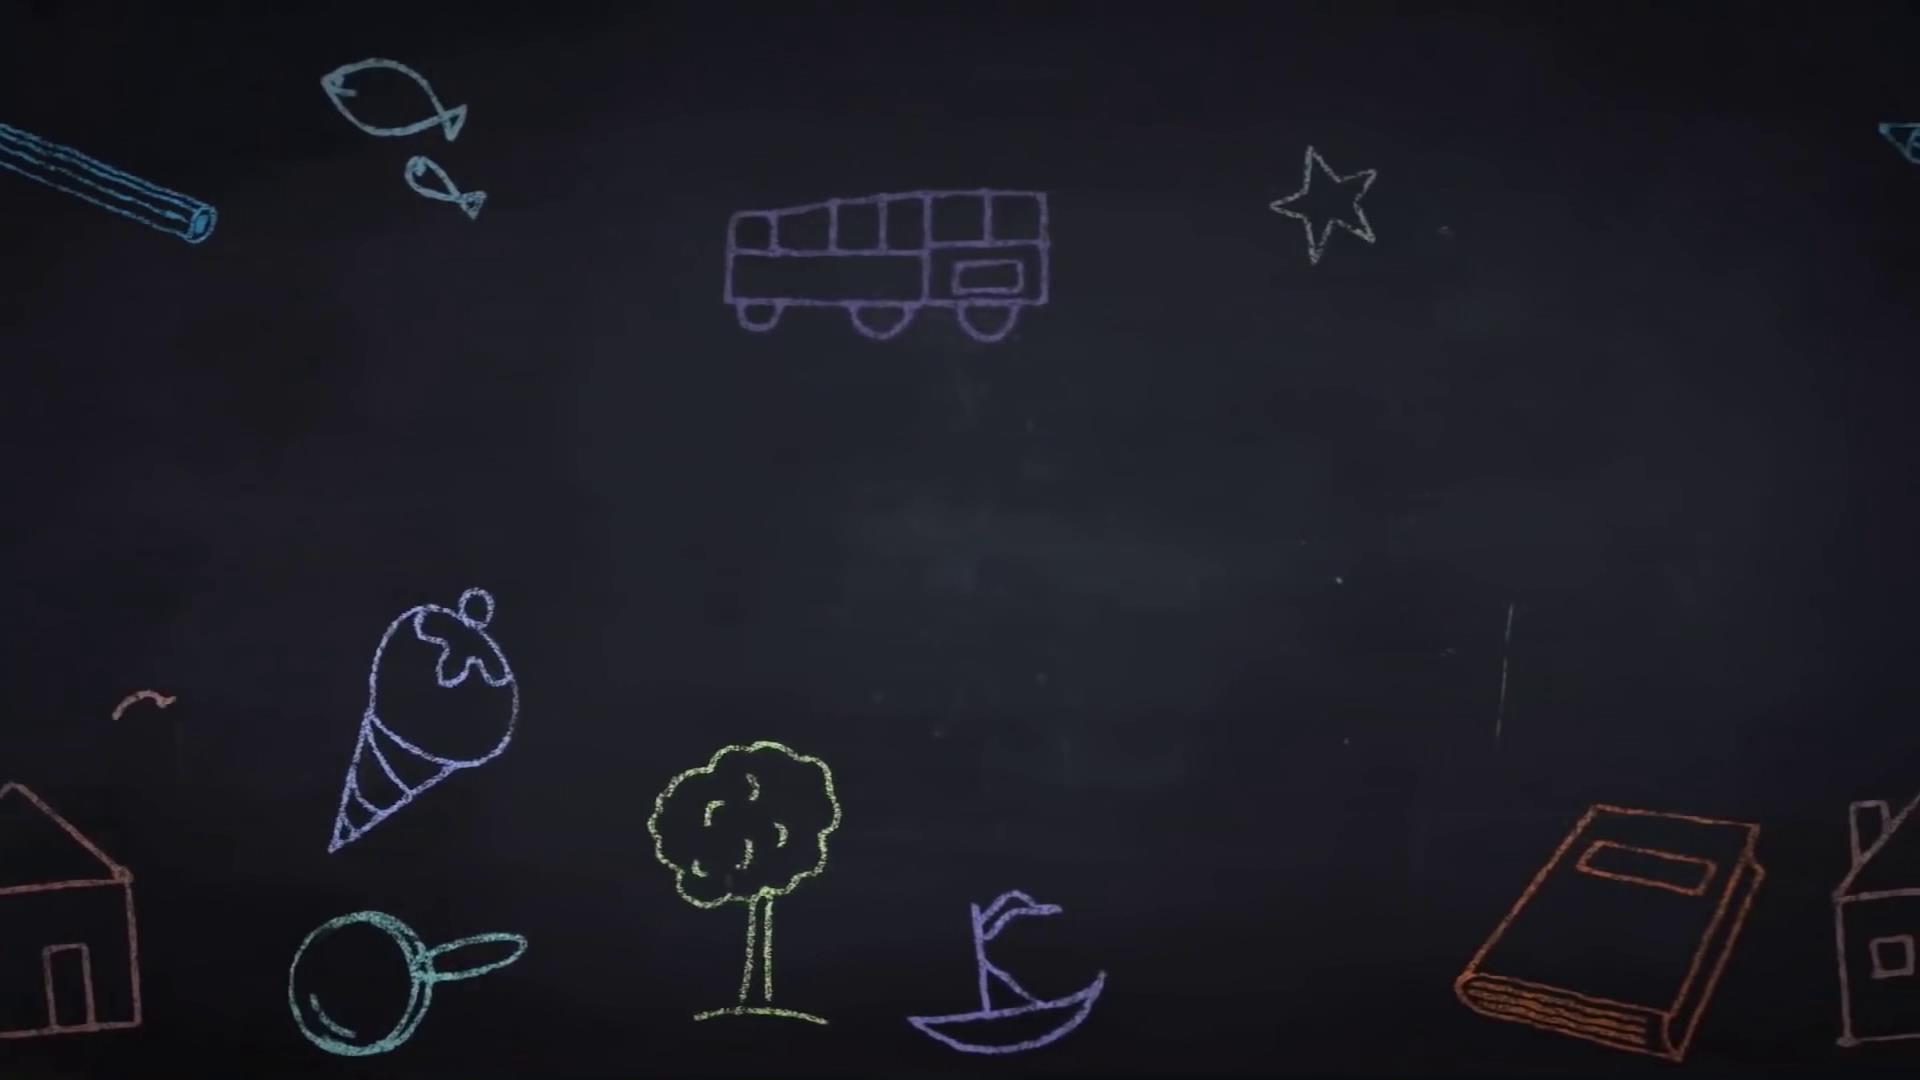 黑板手绘粉笔画儿童卡通动画背景视频素材